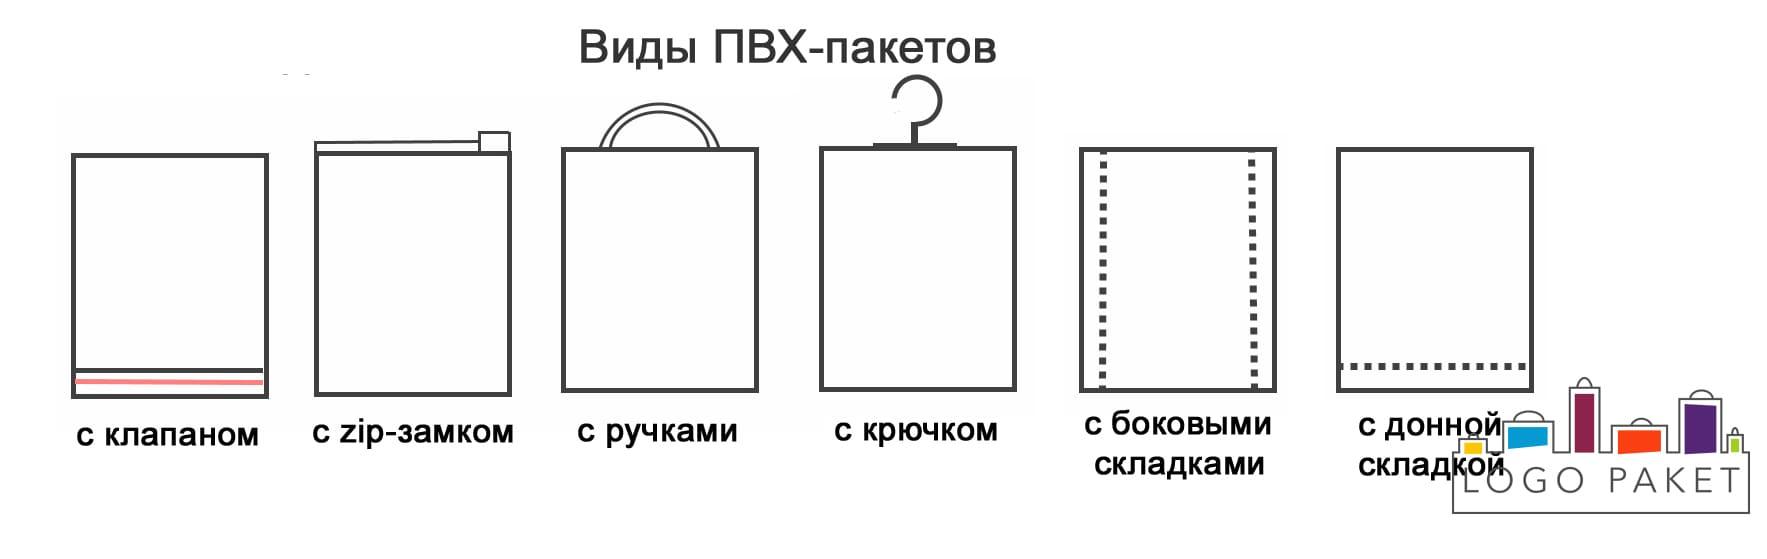 Виды ПВХ-пакетов инфографика